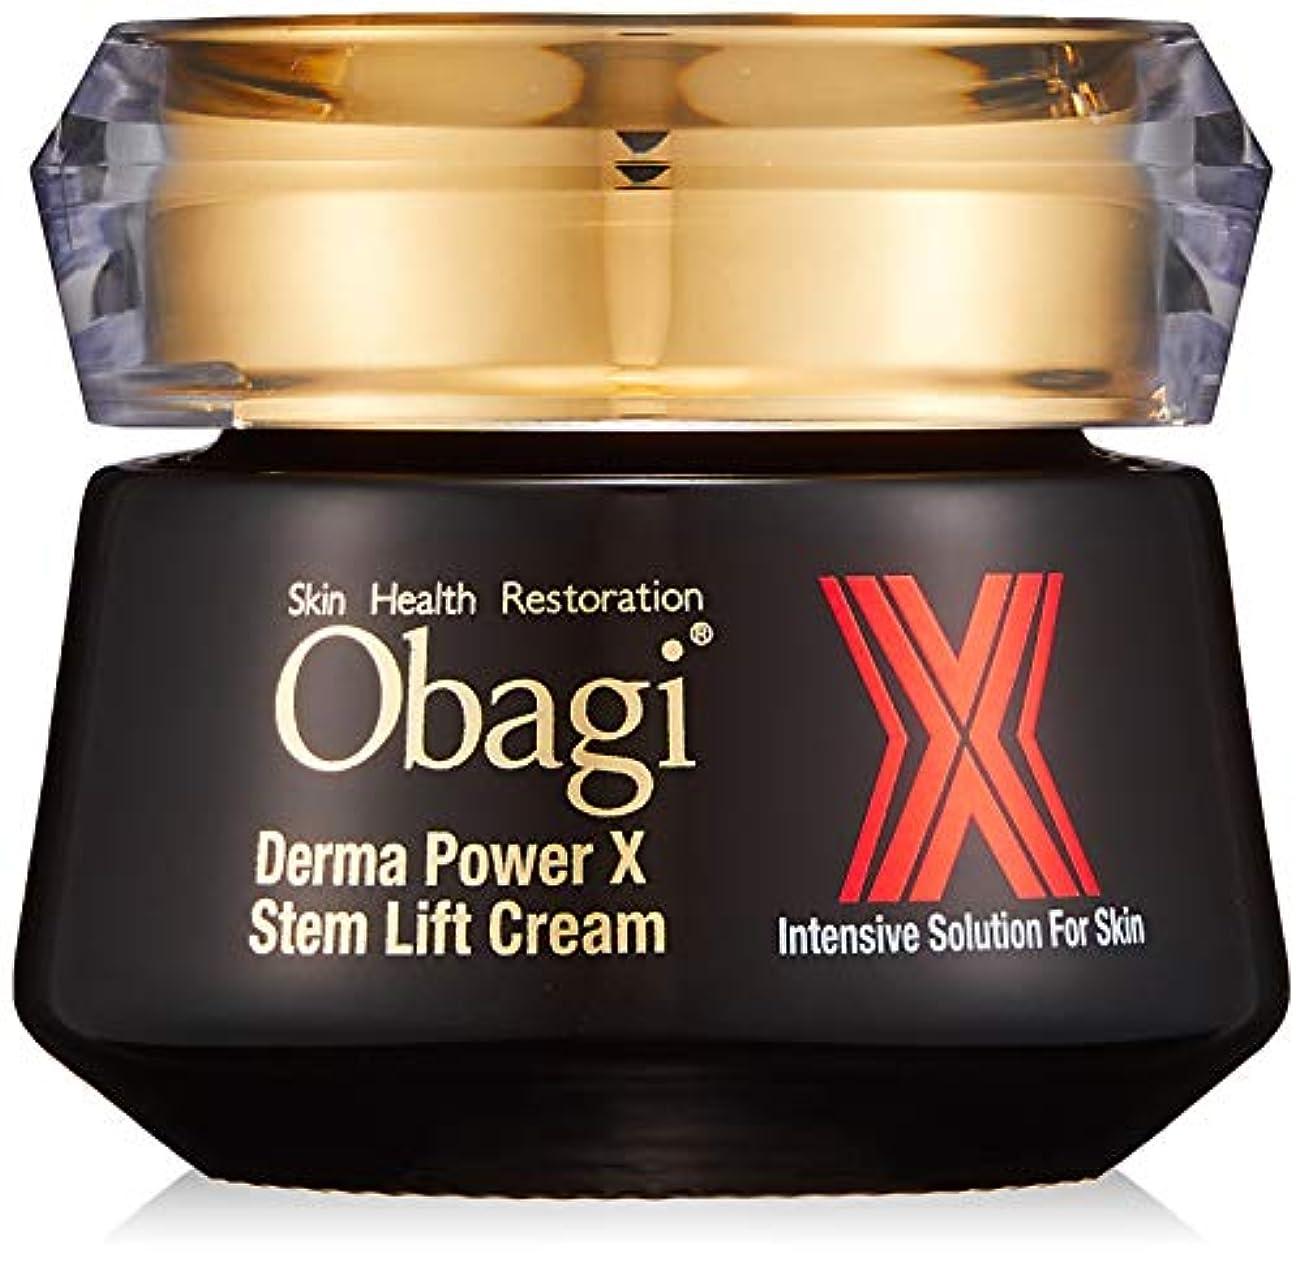 超高層ビル副産物論争Obagi(オバジ) オバジ ダーマパワーX ステムリフト(コラーゲン エラスチン) クリーム 50g